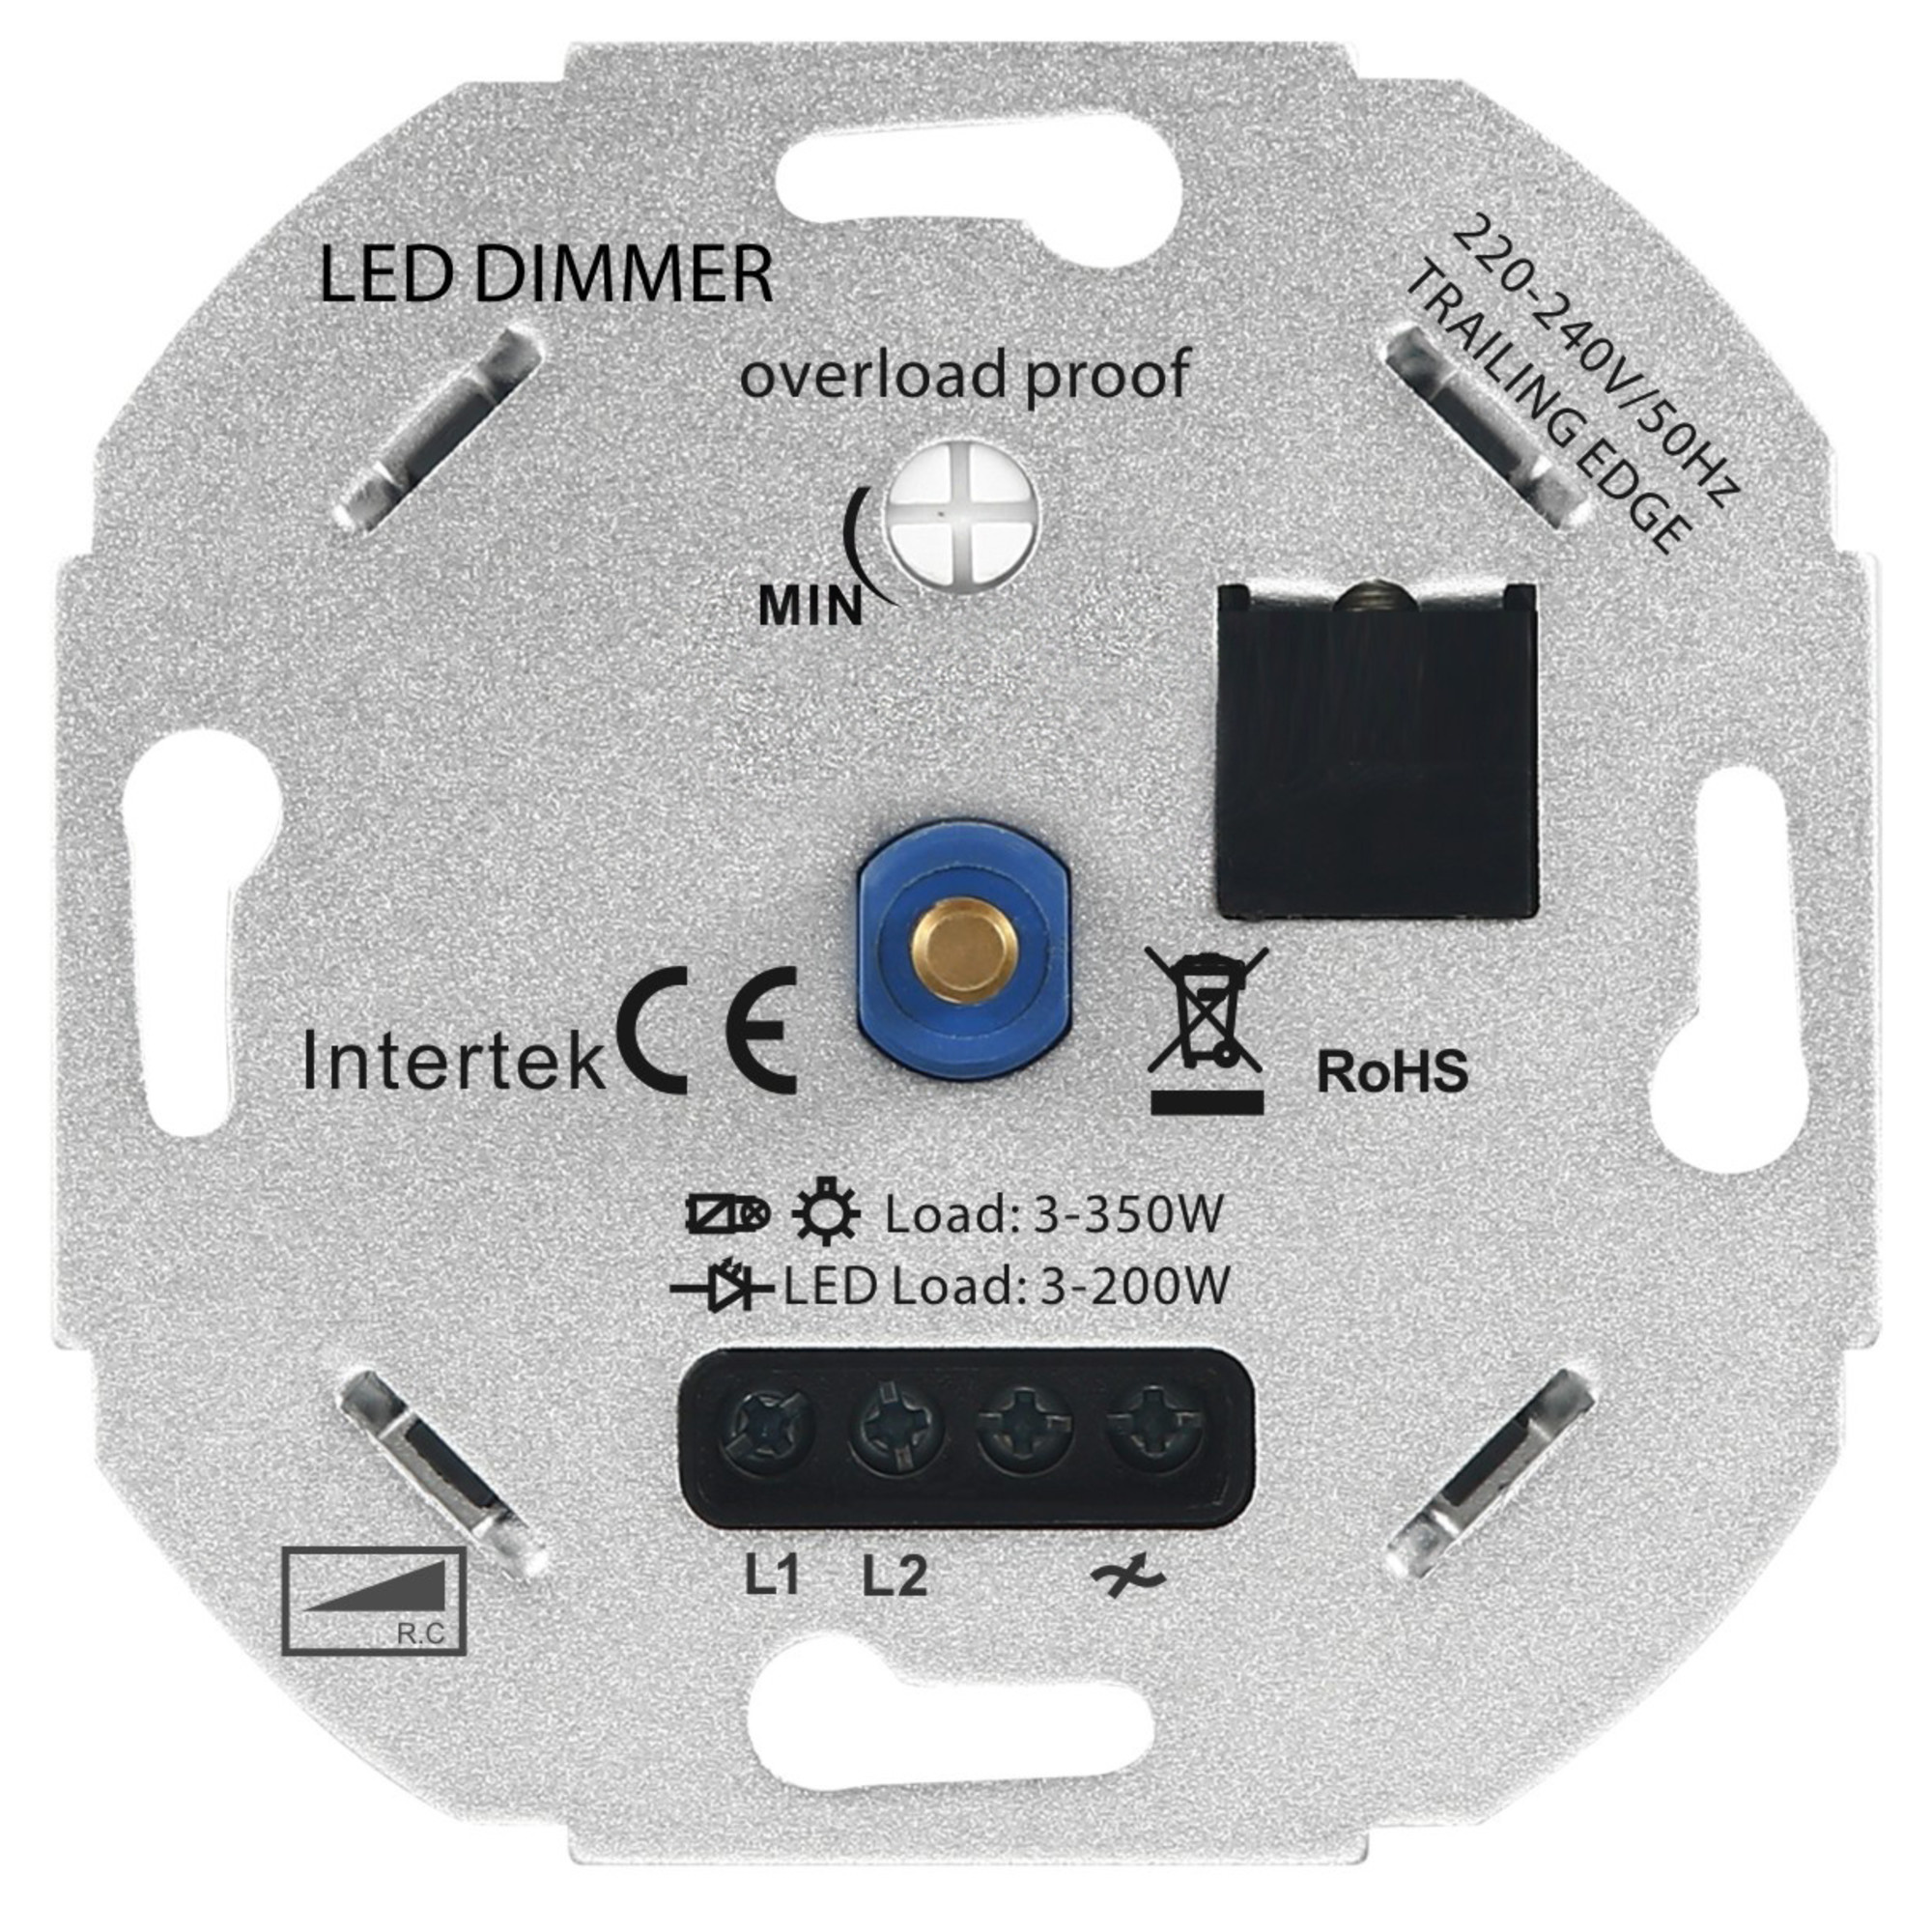 Dimmer LED 3-350W 220-240V - Taglio di fase